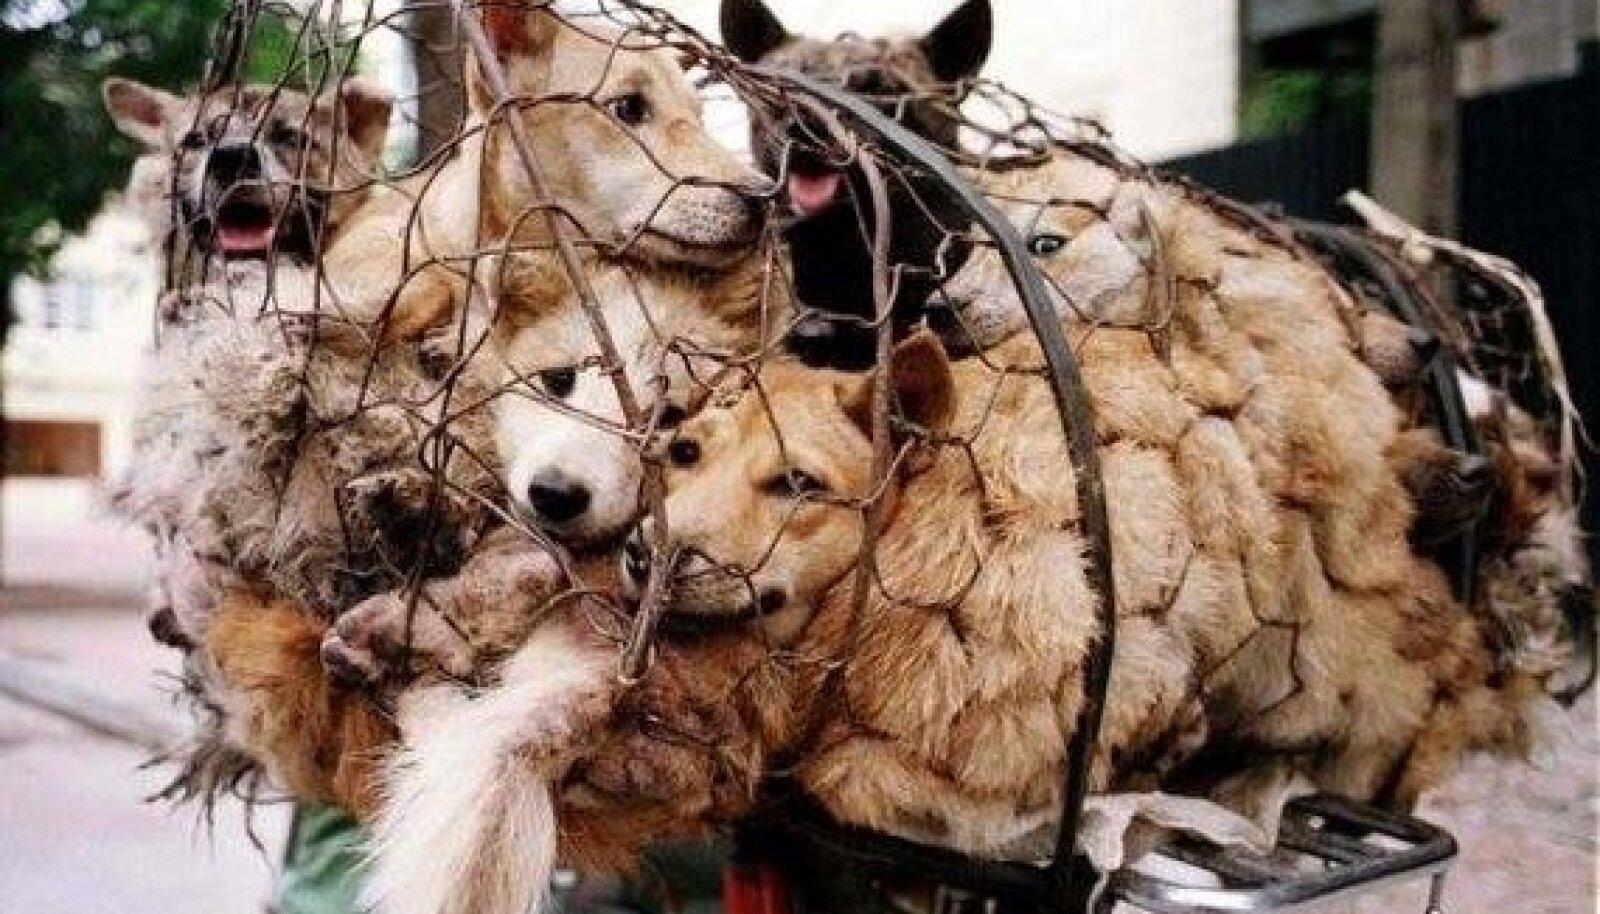 Söömiseks mõeldud koerad turul